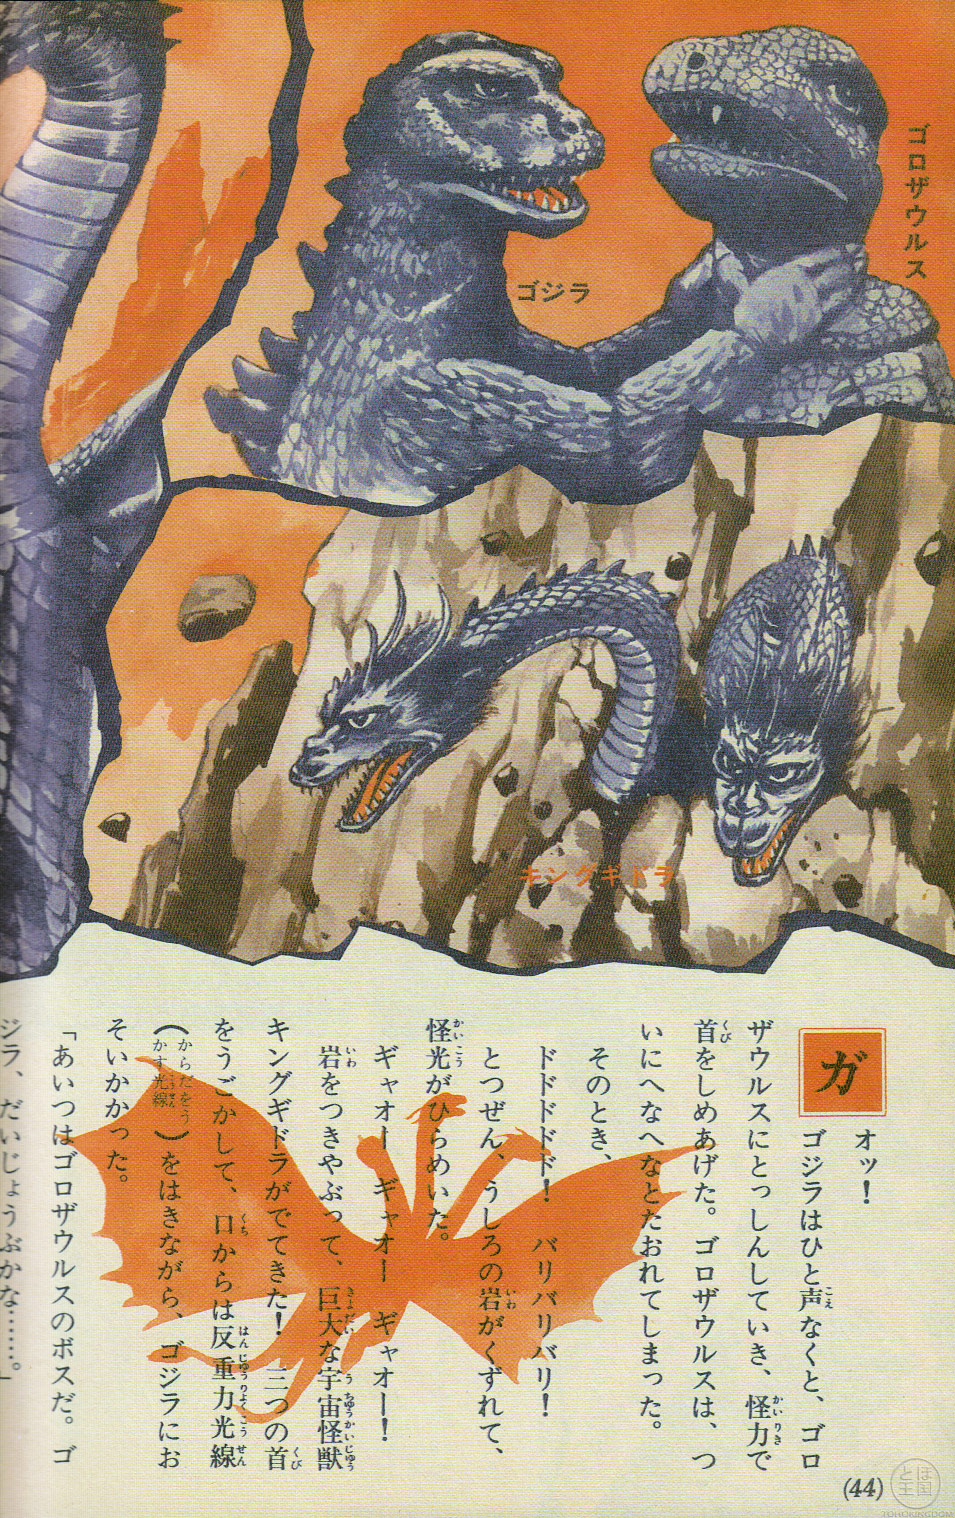 Story 1: Gorosaurus and King Ghidorah